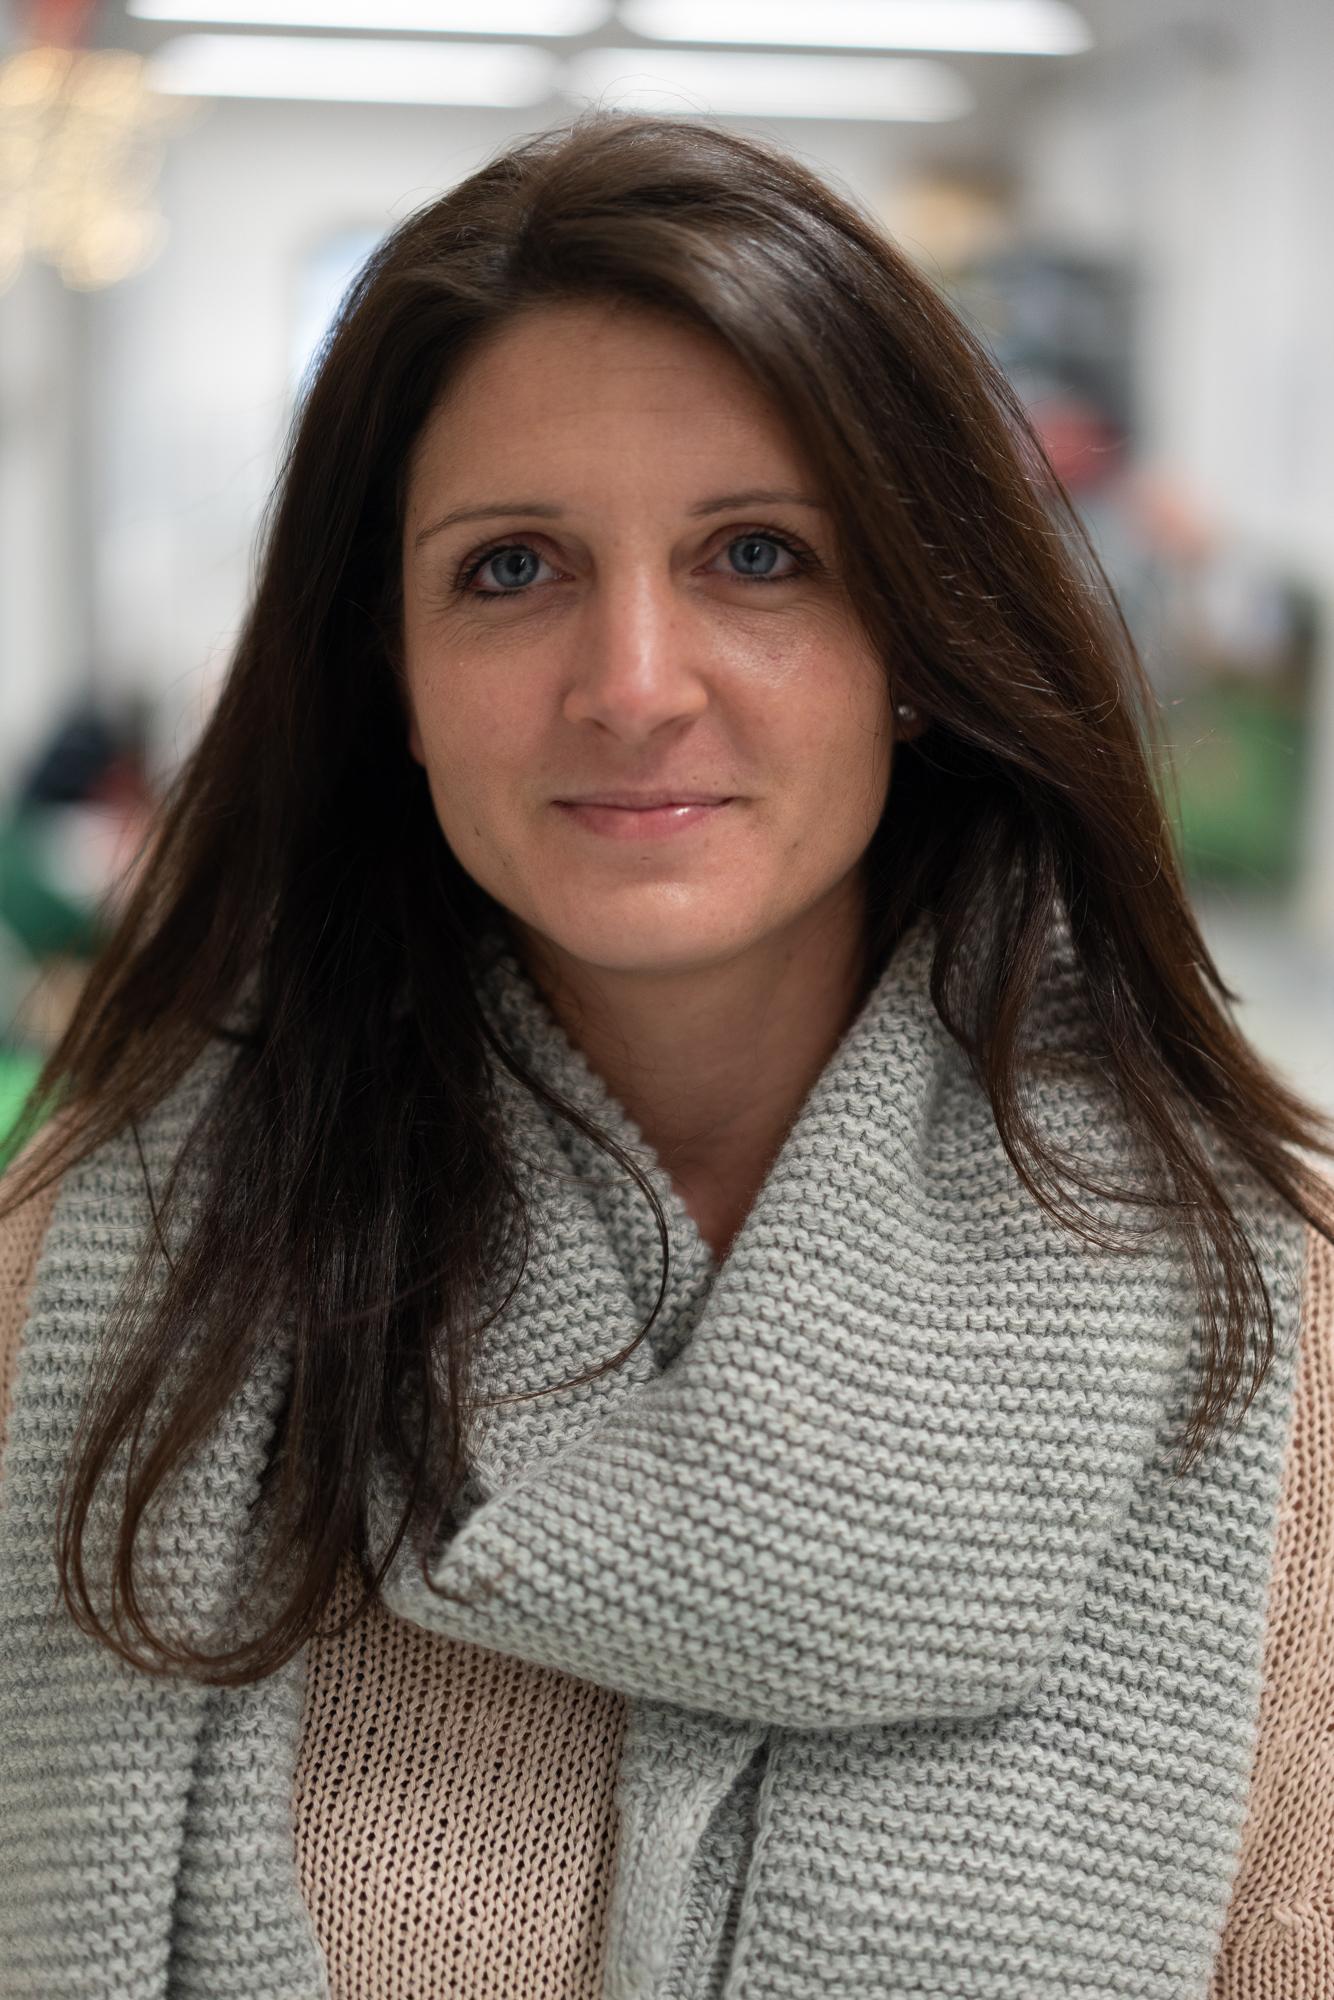 Nora Brodesser Verwaltung Meisterbuero